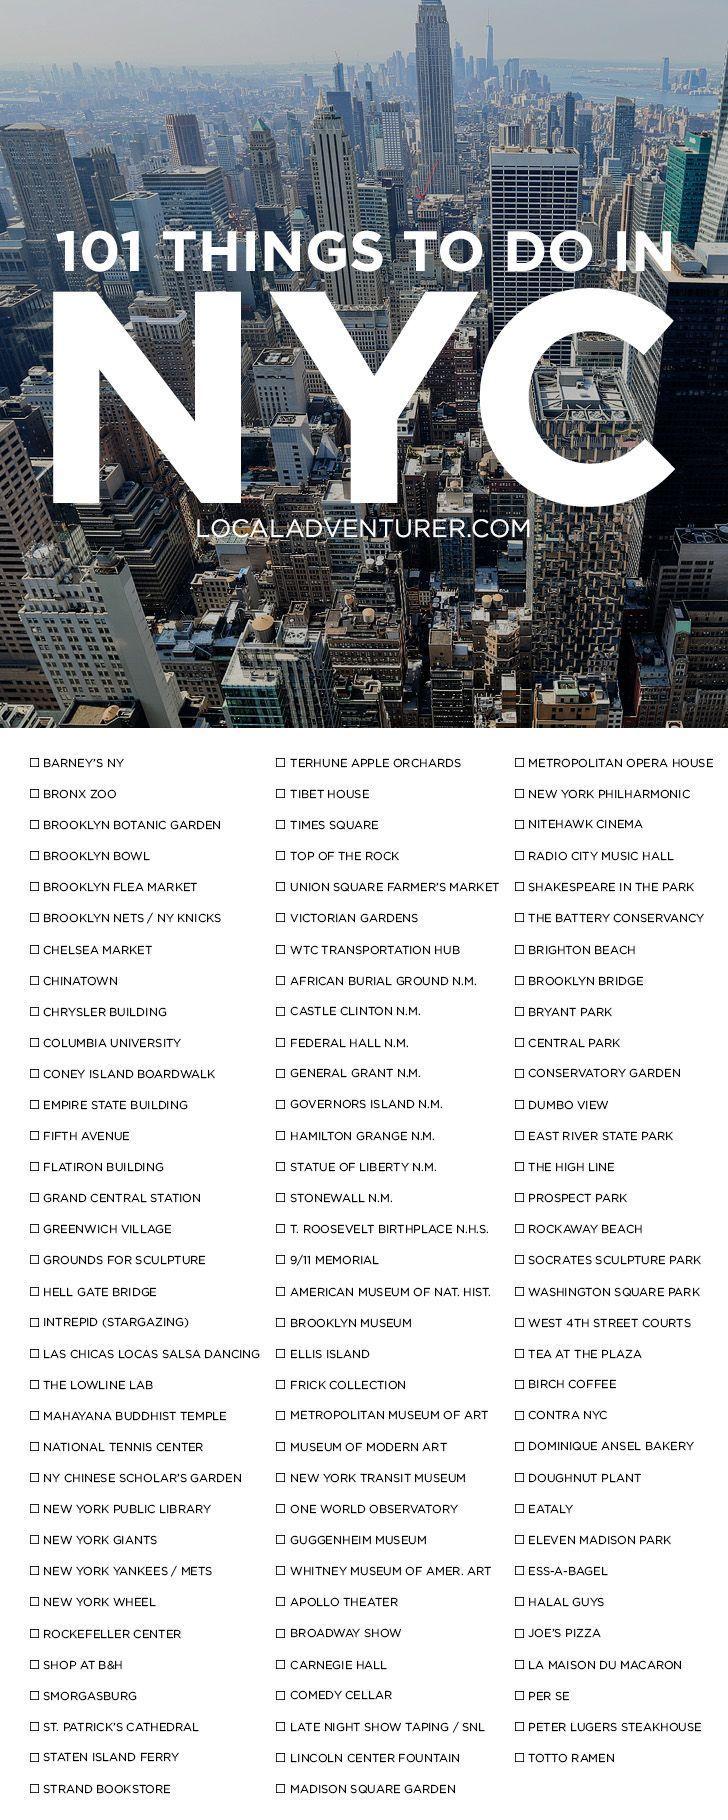 Schauen Sie sich unsere 101 Aktivitäten in der NYC Bucket List an – von den touristischen Orten aller Zeiten …